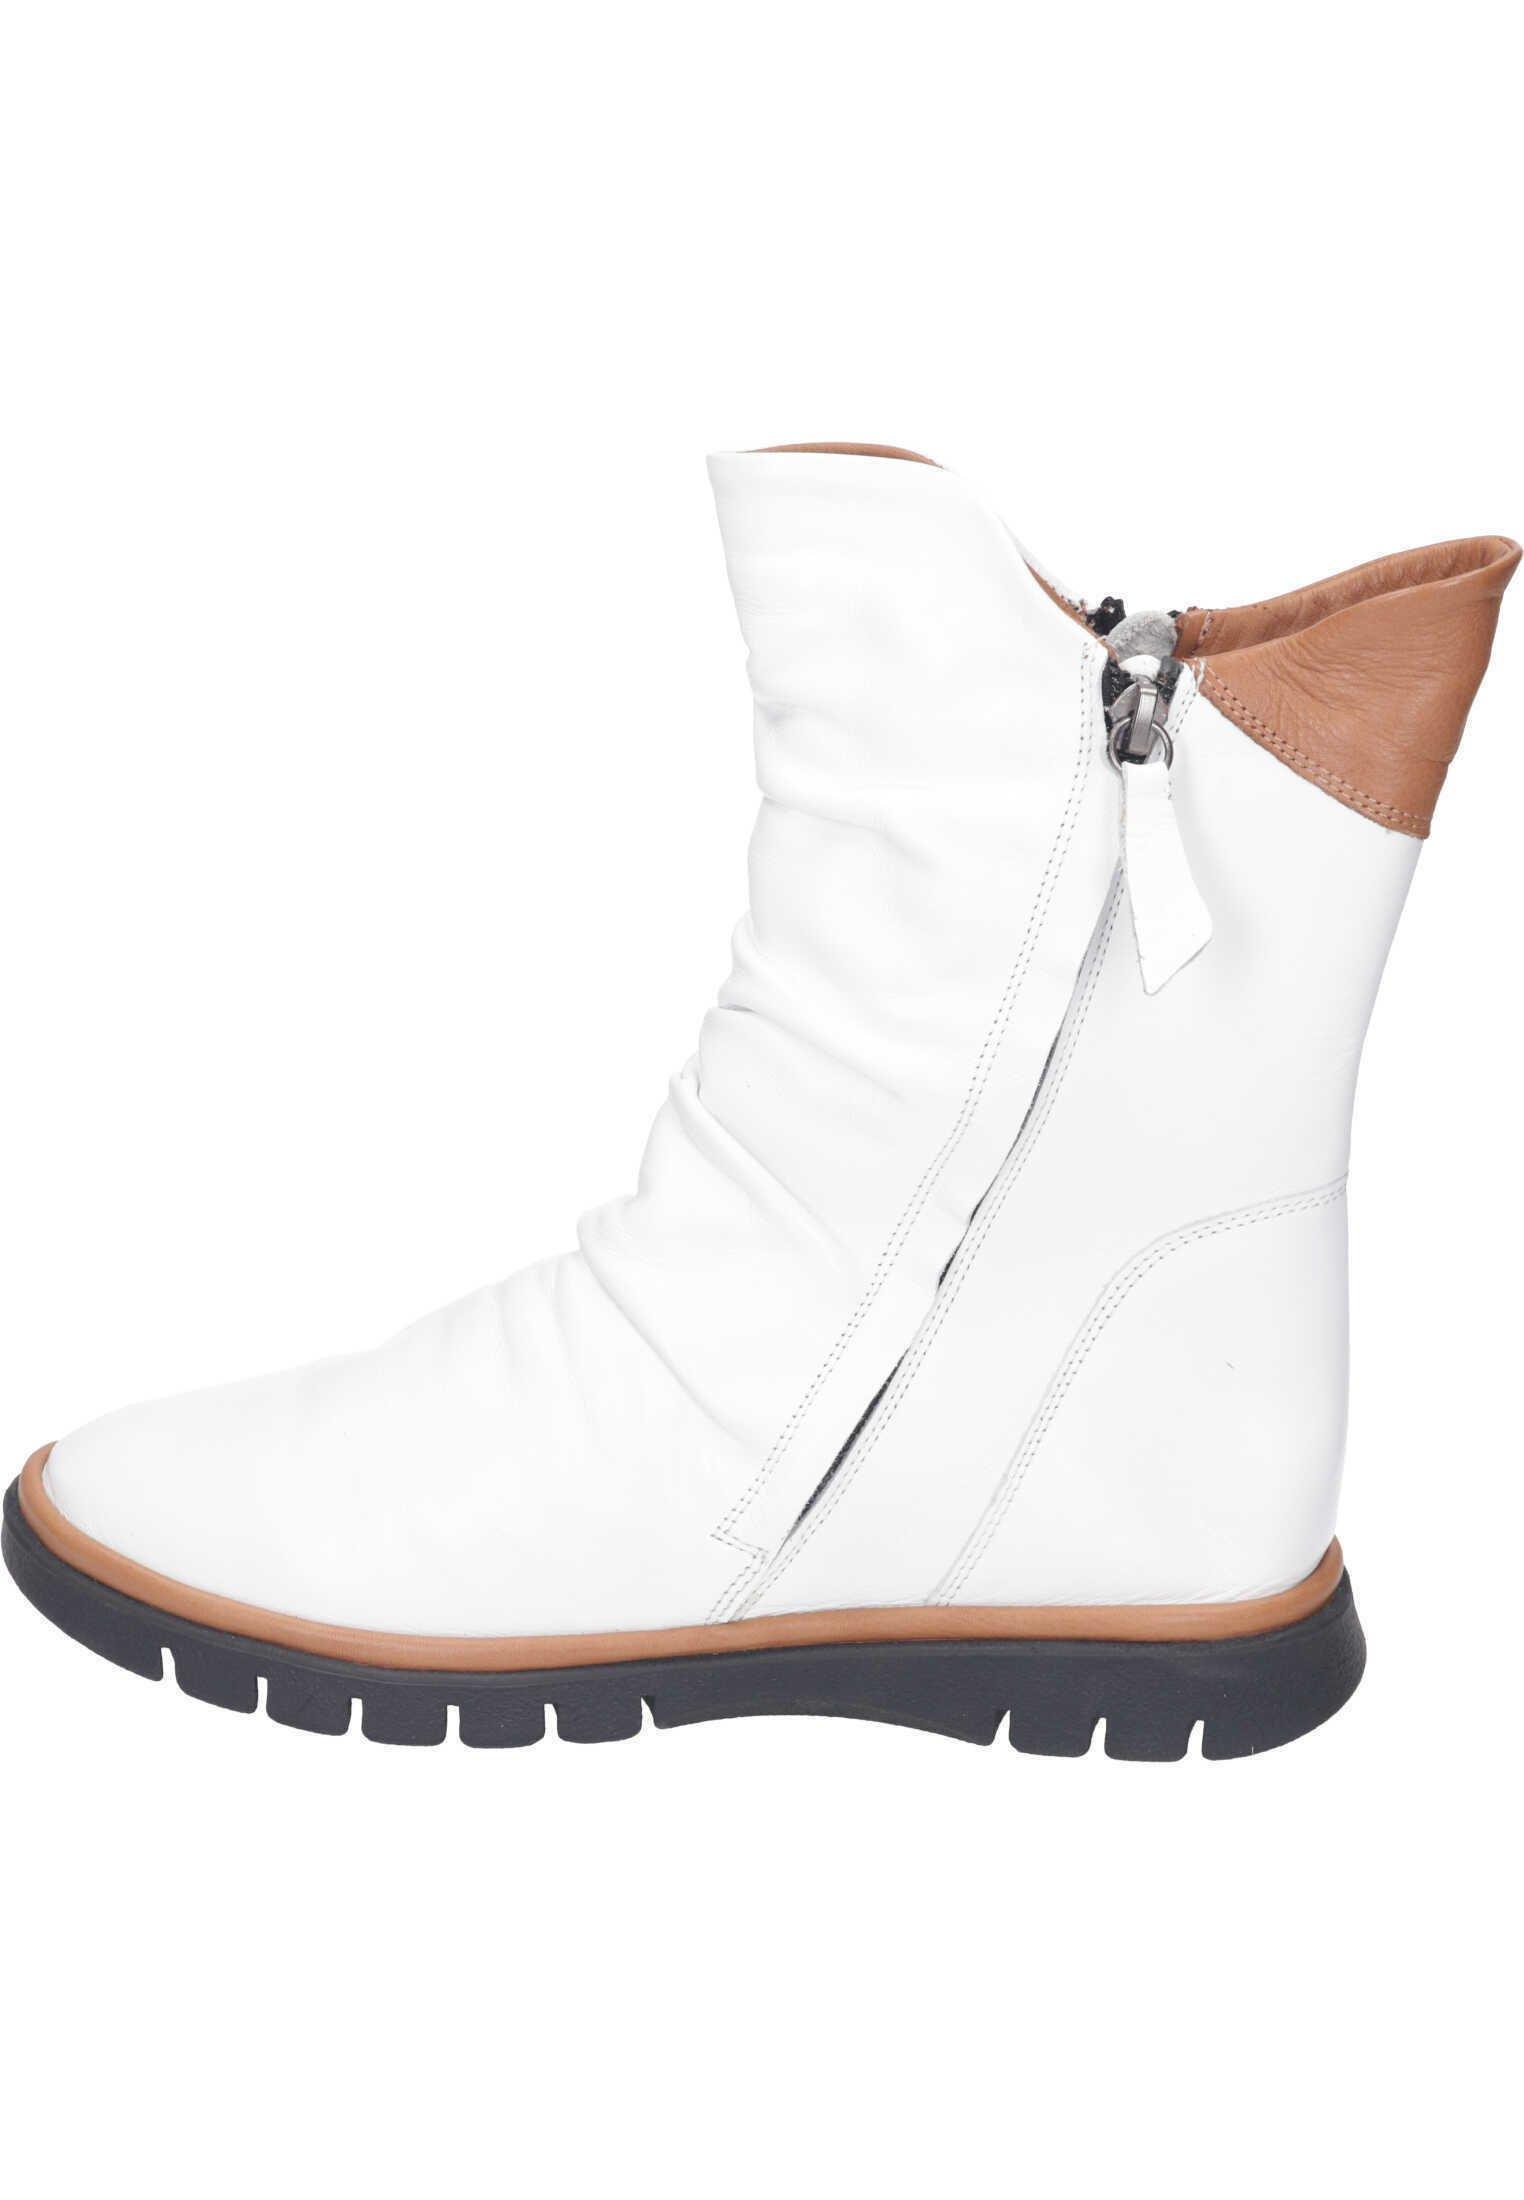 Damen STIEFELETTEN - Ankle Boot